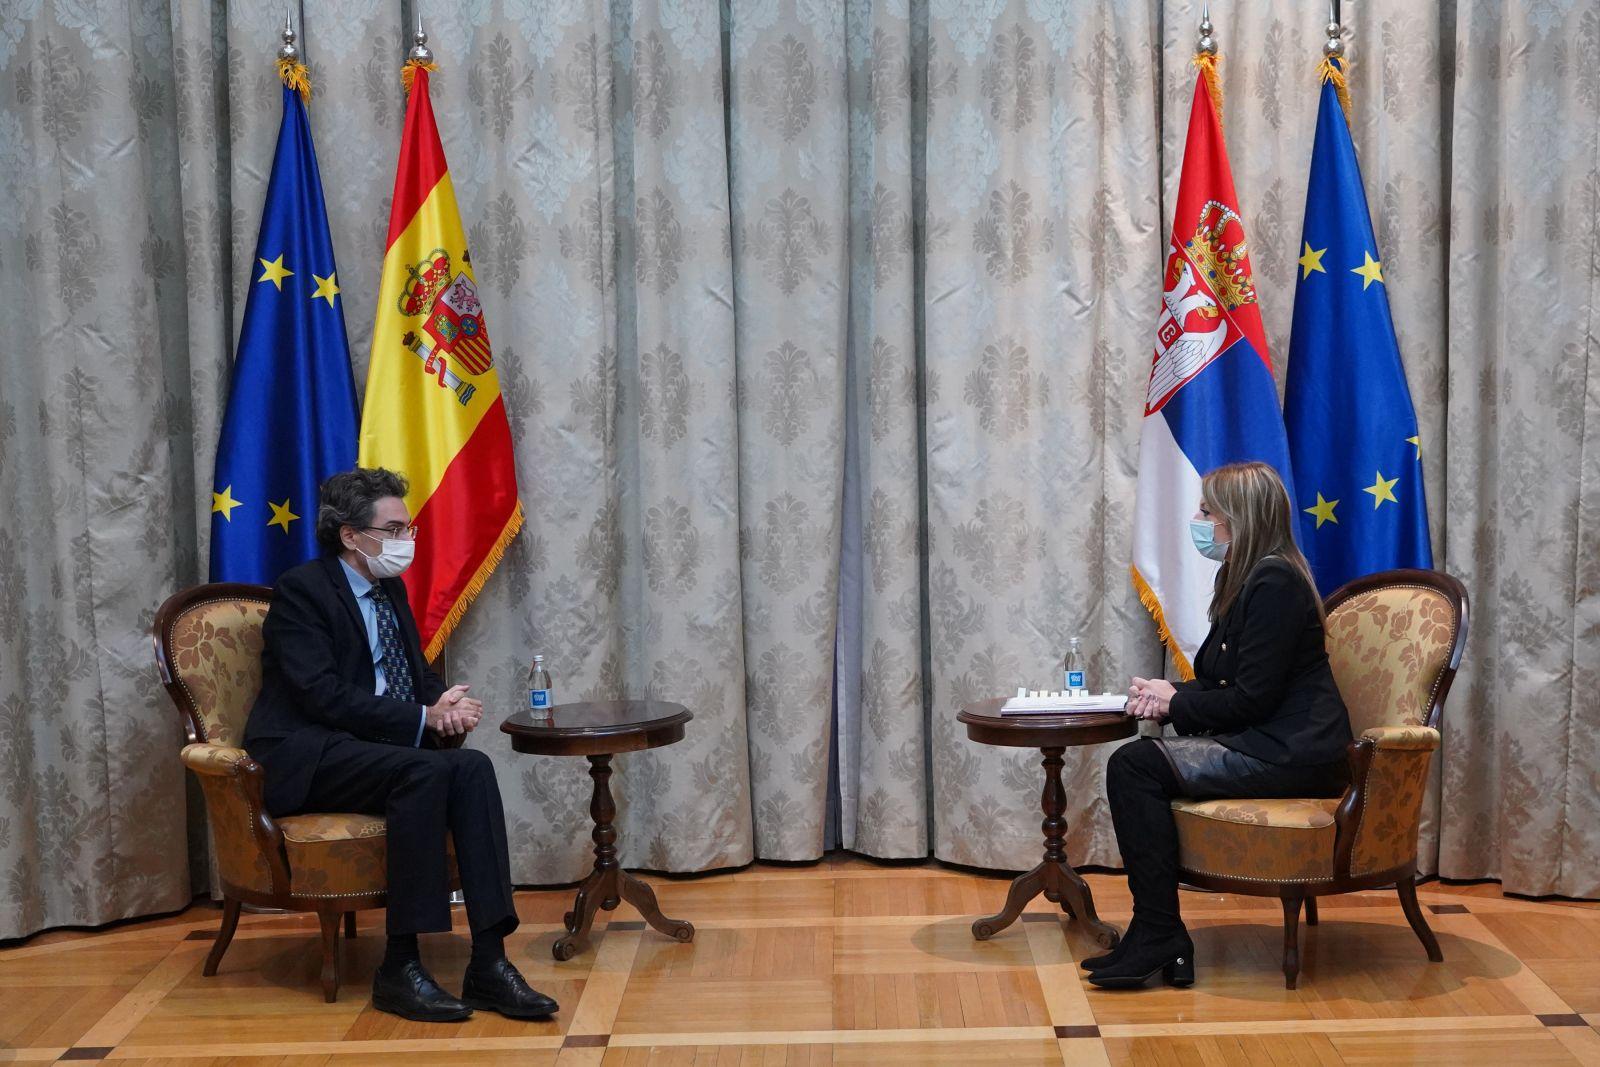 Ј. Јоксимовић: Активна подршка Шпаније европском путу Србије